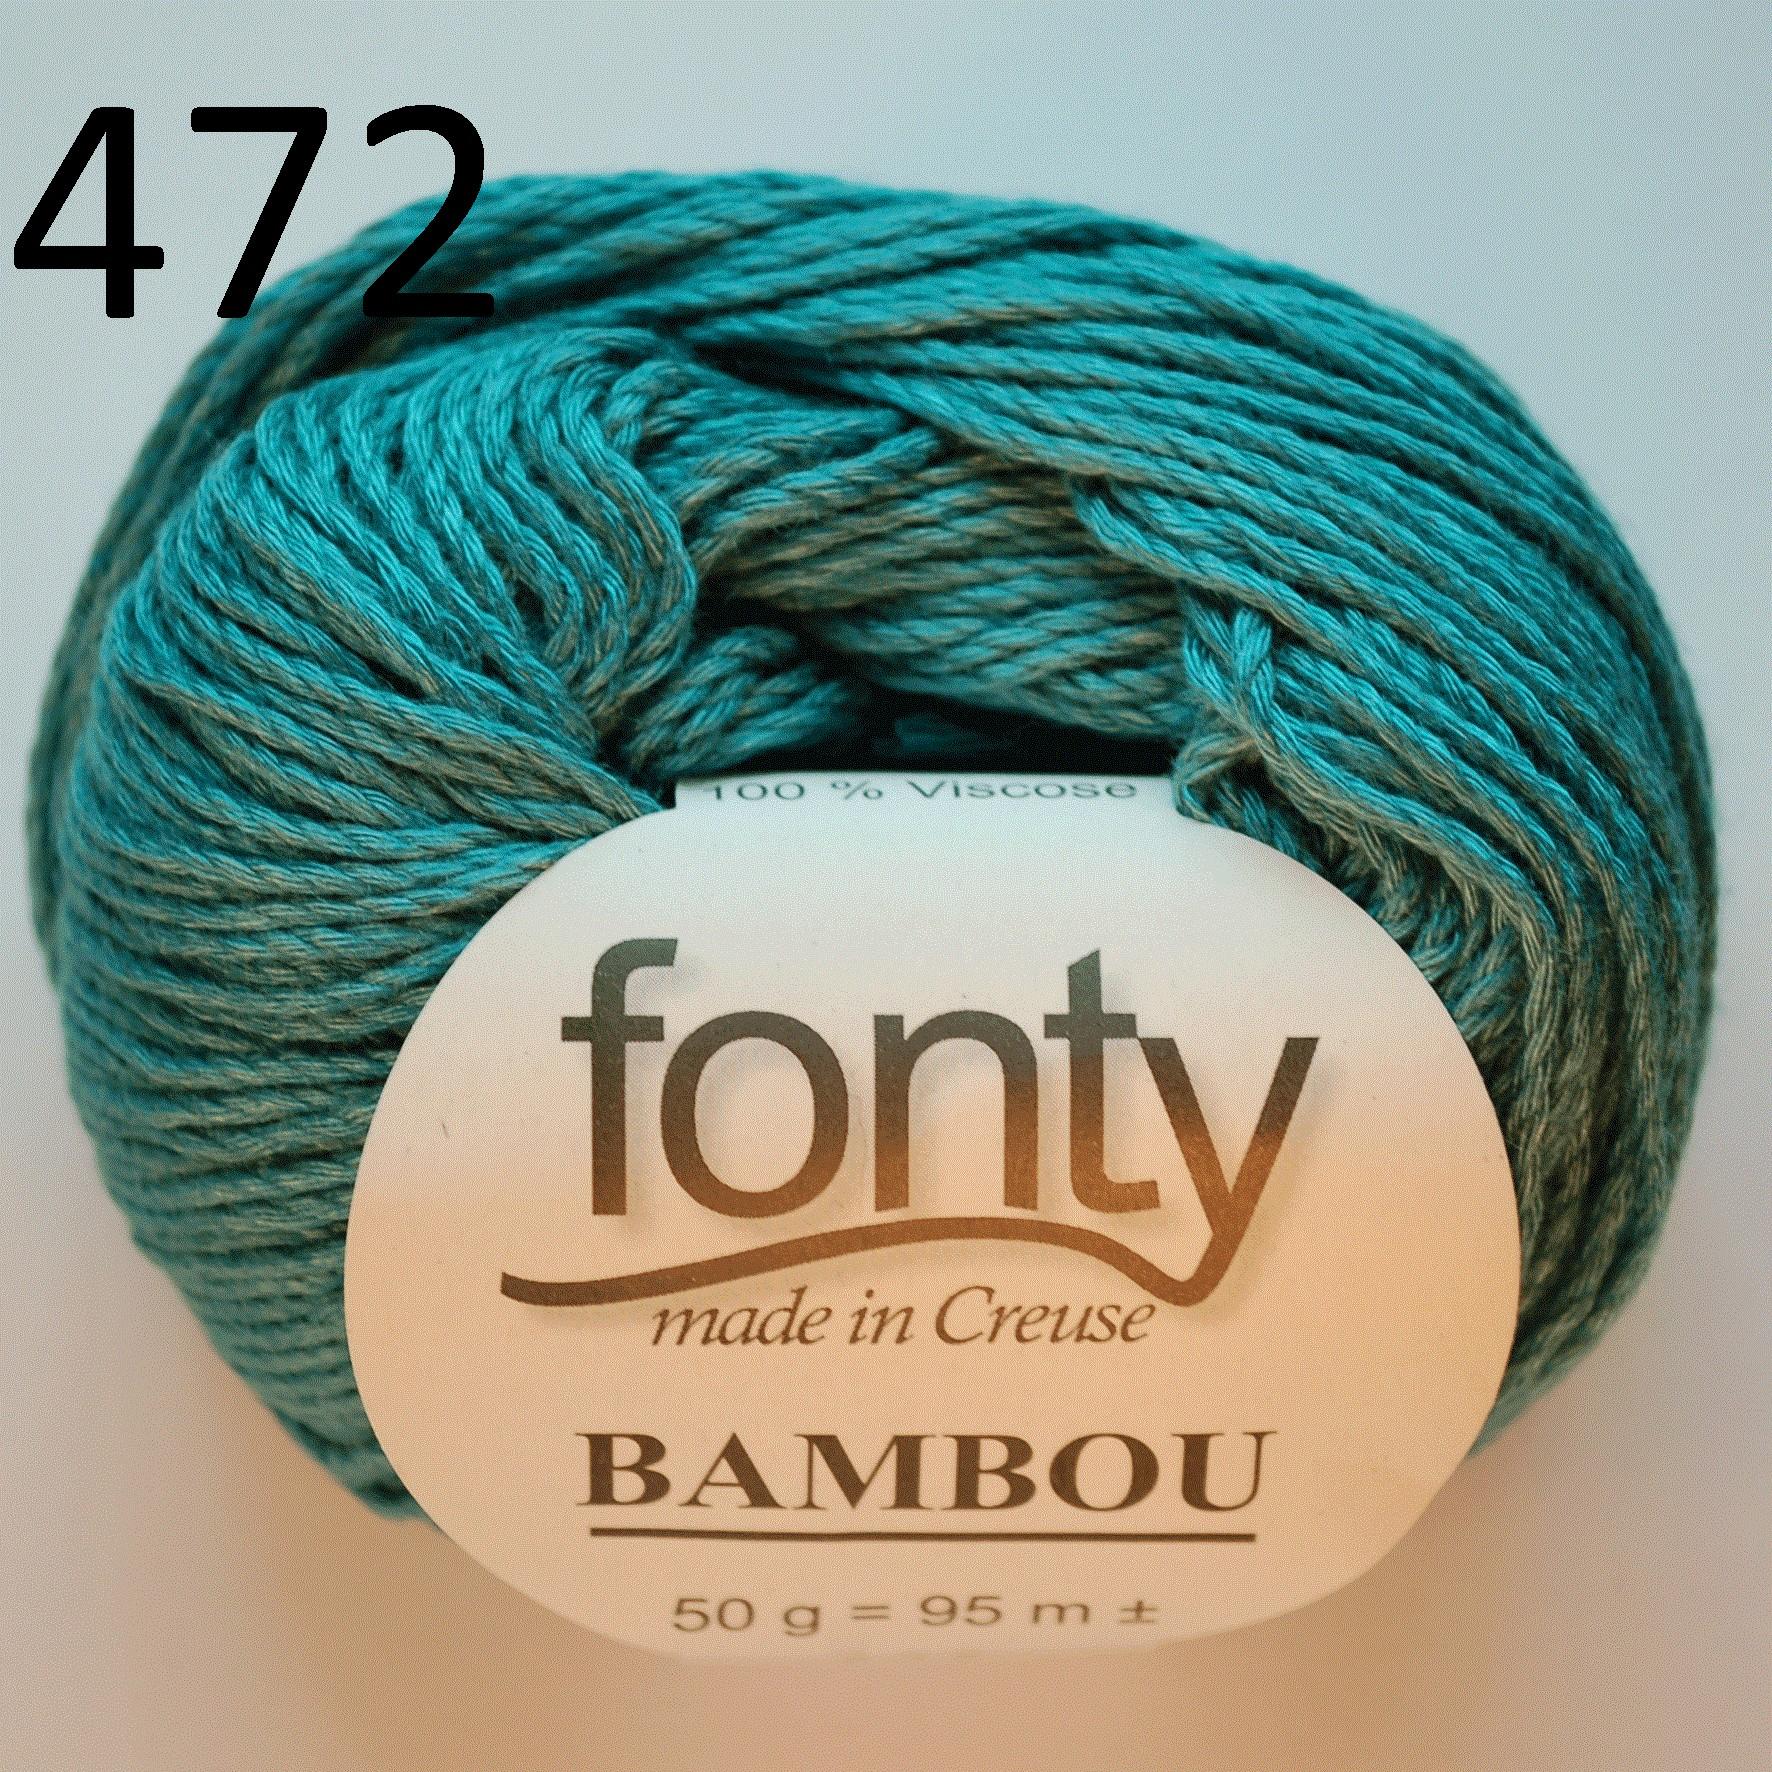 Bambou 472